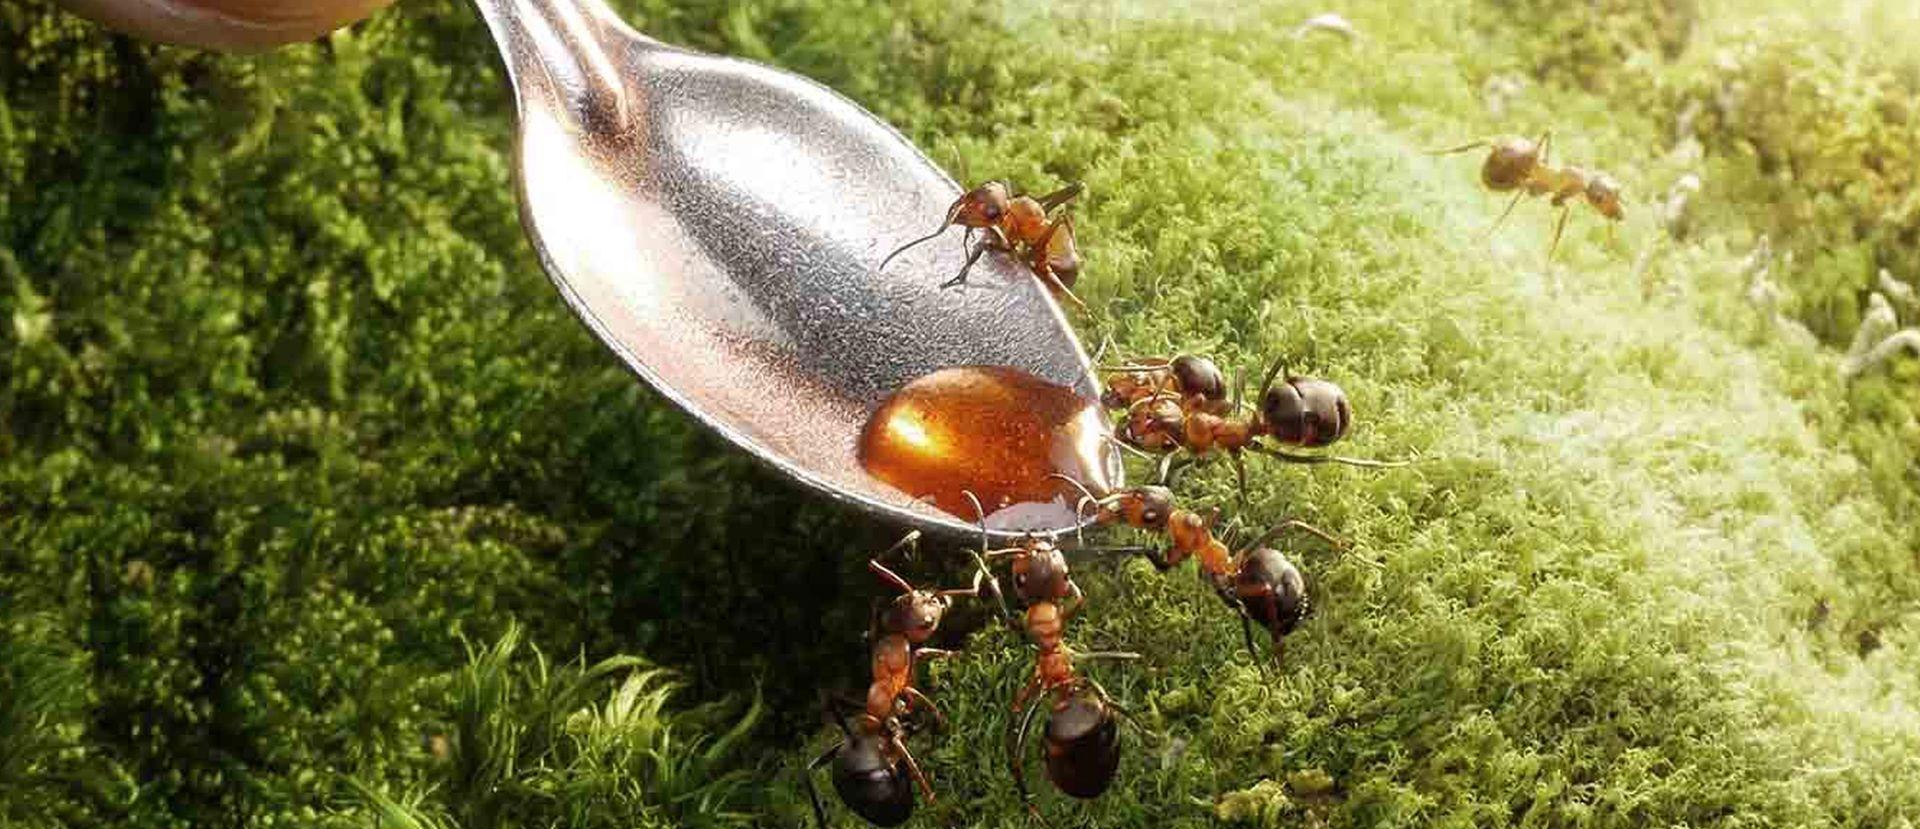 Jokakeväinen muurahaisongelma